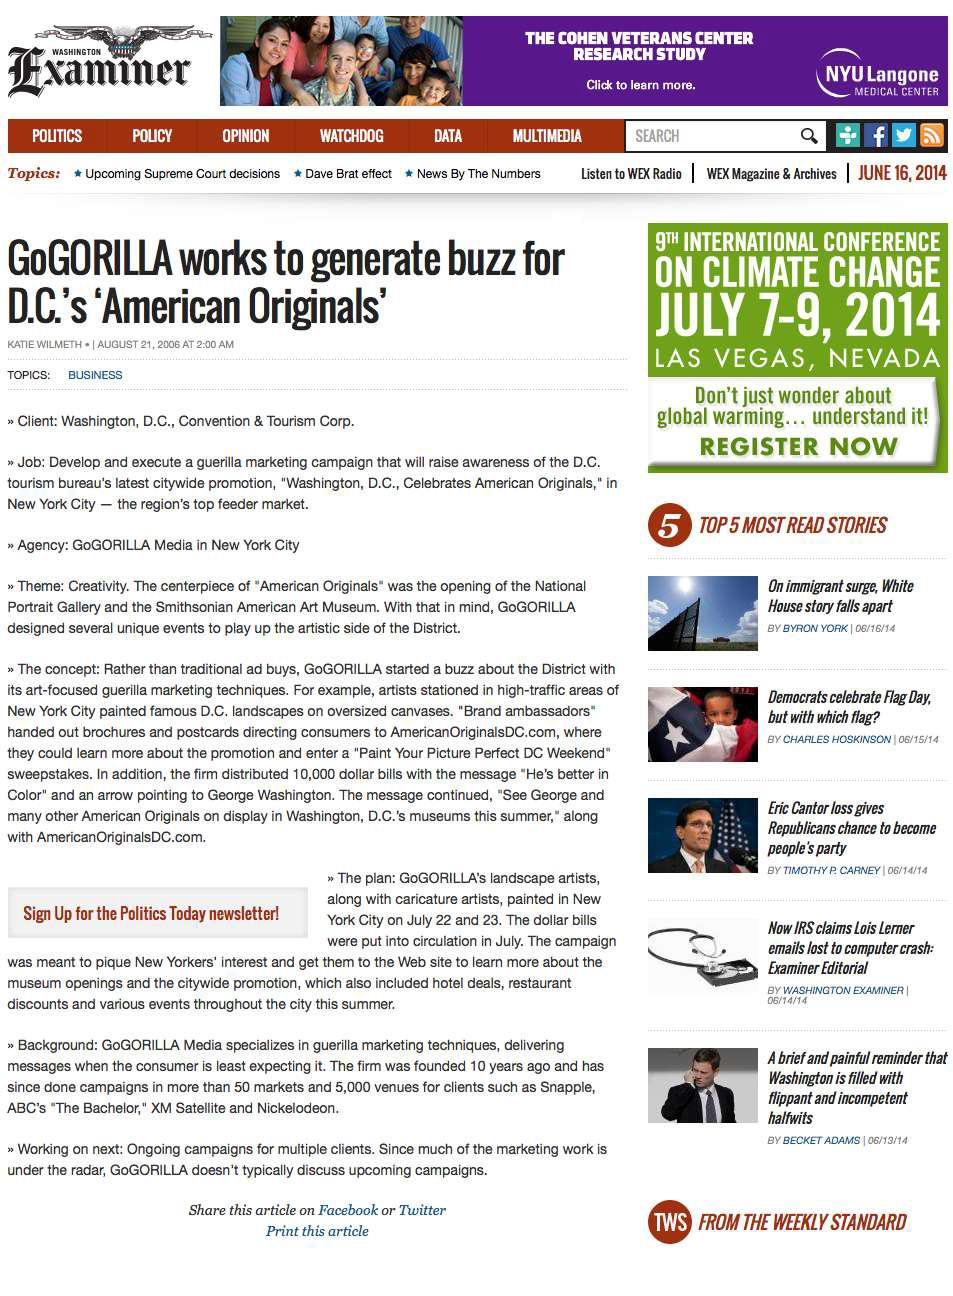 2006_8_Examiner.com_.jpg